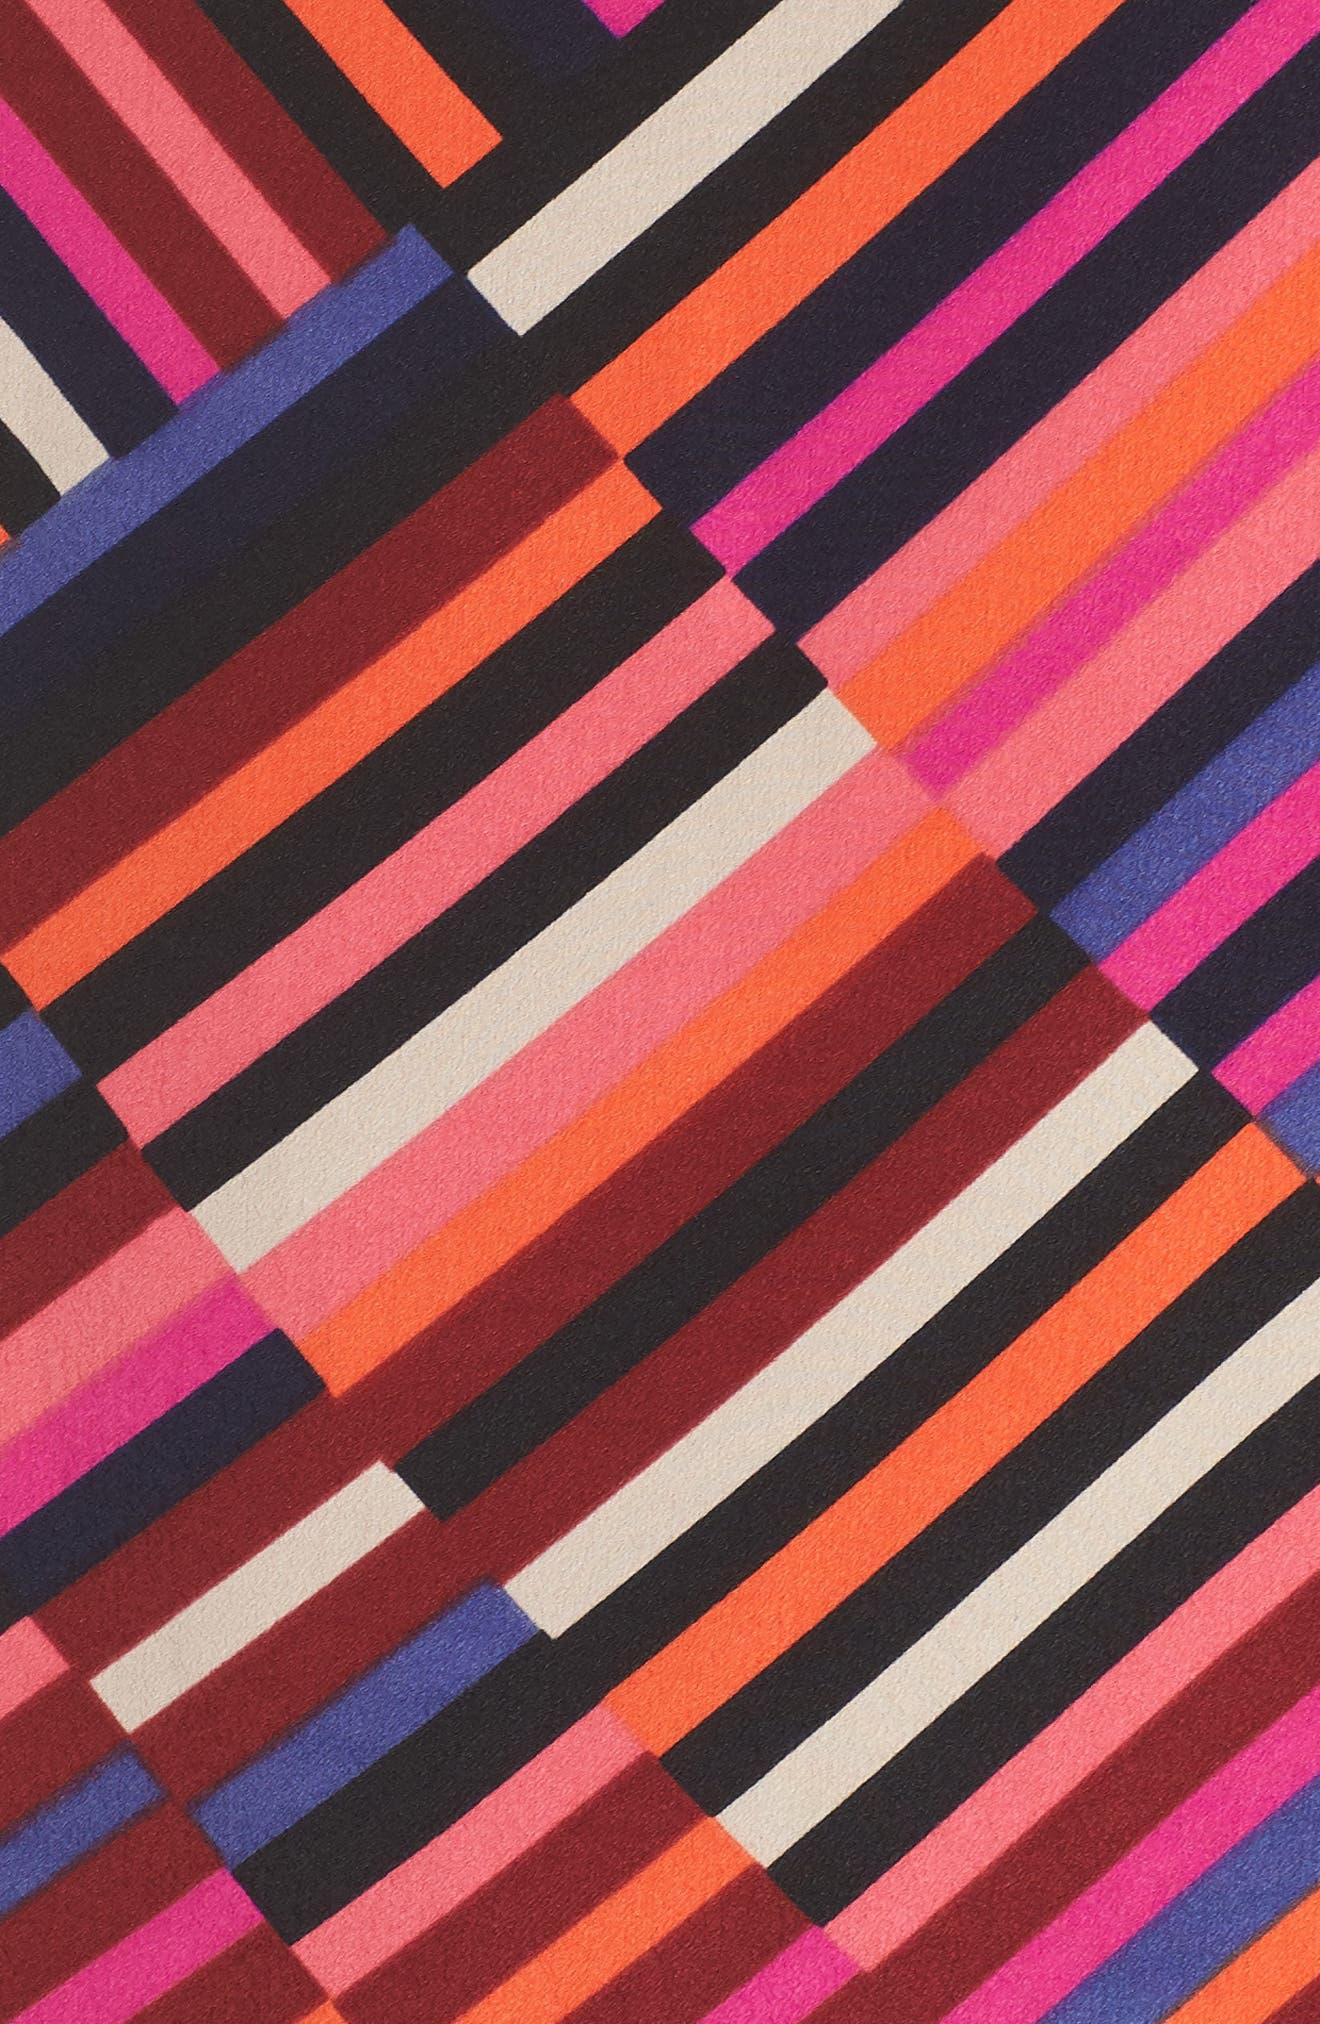 Jaxon Chiffon Dress,                             Alternate thumbnail 5, color,                             MULTI